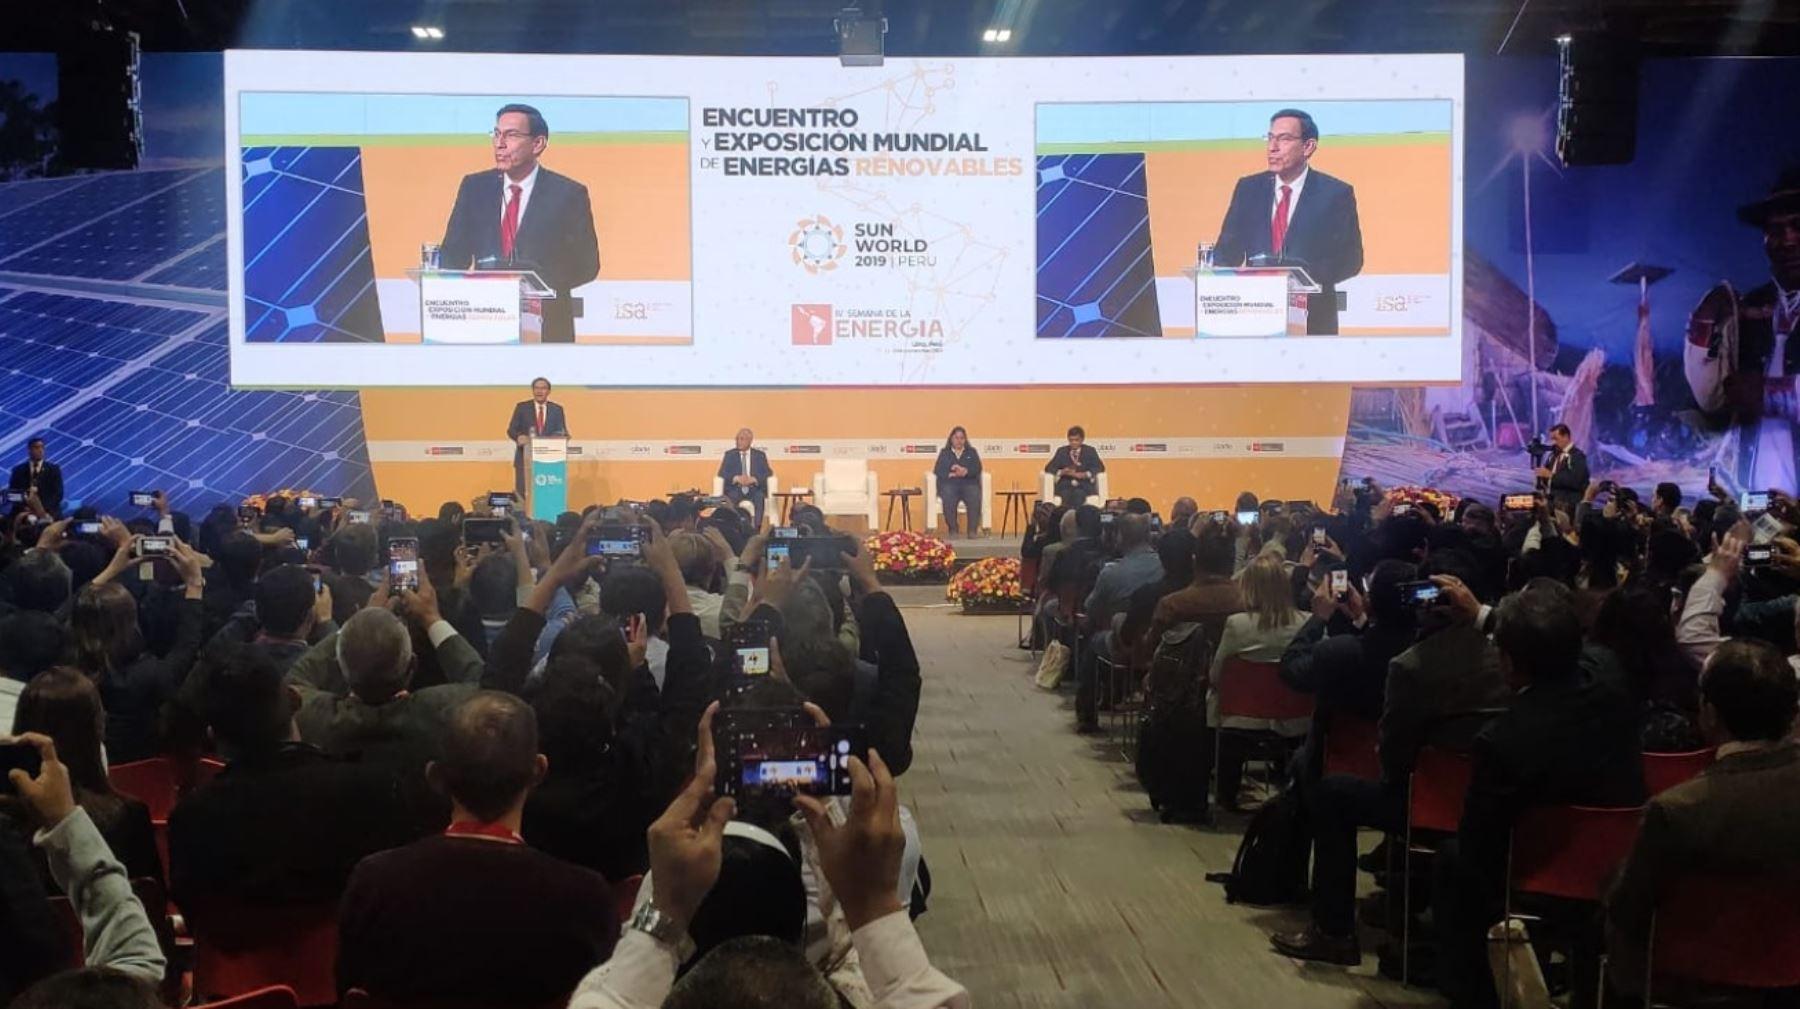 Presidente Martín Vizcarra participa en la clausura del Sun World 2019 Perú – Encuentro y Exposición Mundial de Energías Renovables.